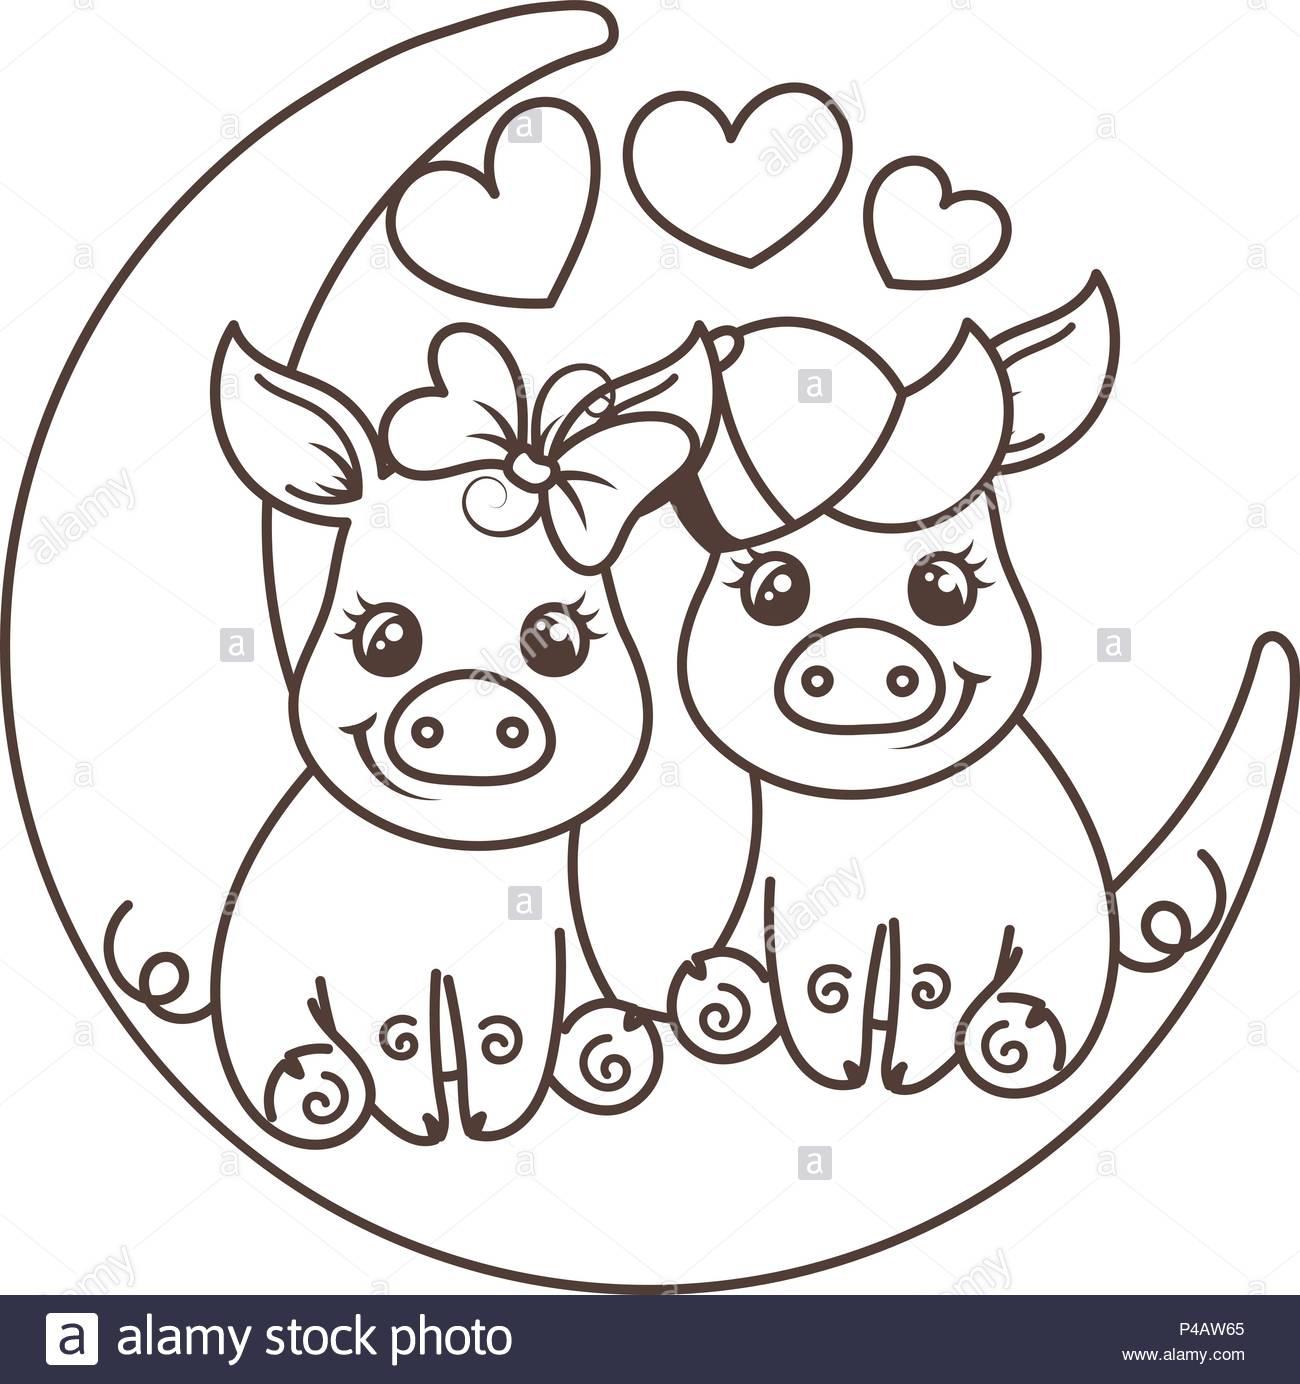 Cute Cartoon Bébé Cochons Dans L'amour Sur Une Lune pour Dessin Cochon A Colorier